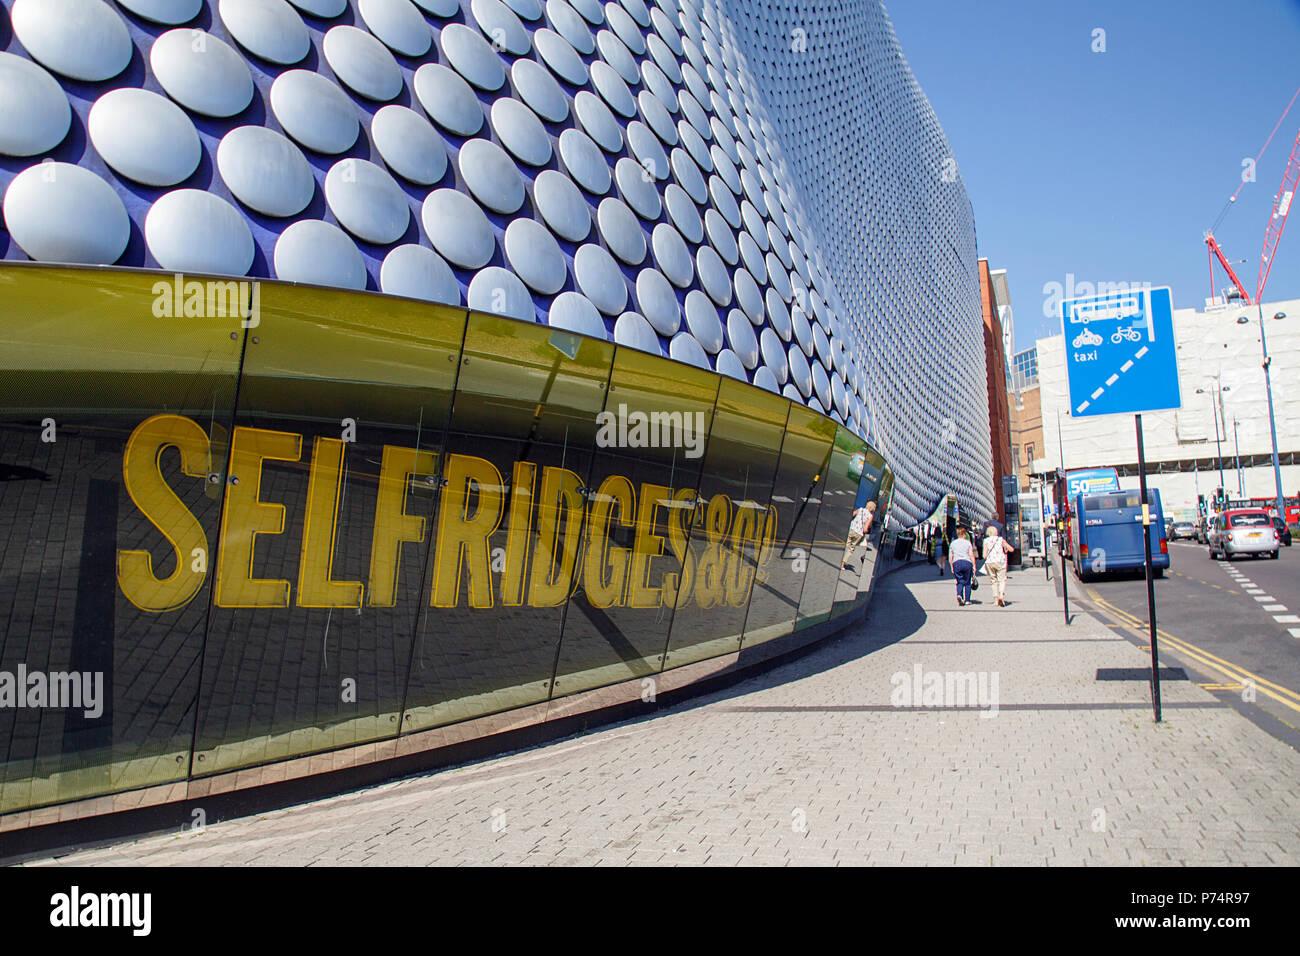 Birmingham, Reino Unido: Junio 29, 2018: los grandes almacenes Selfridges en Park Street - forma parte del centro comercial Bullring. Los peatones caminan hacia la parada de autobús Imagen De Stock